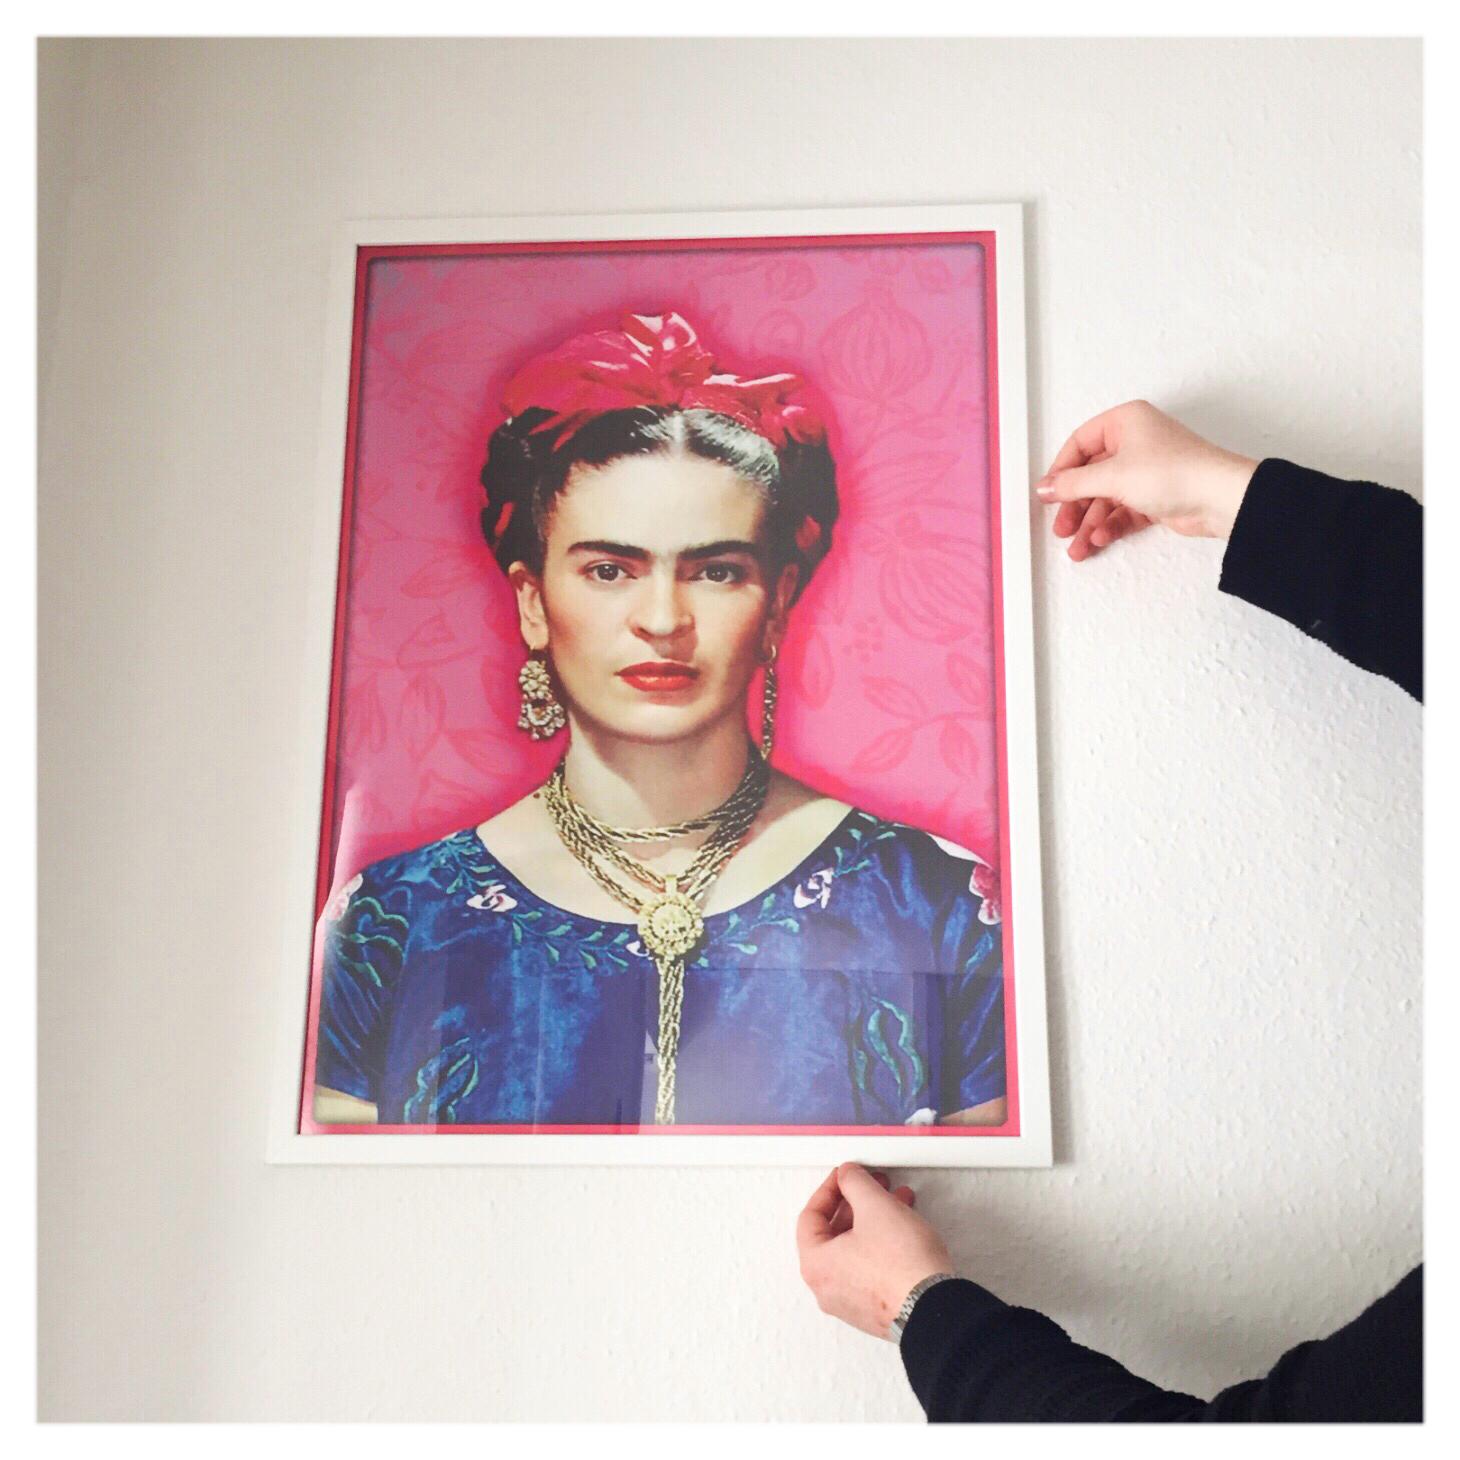 Fridakahloposter